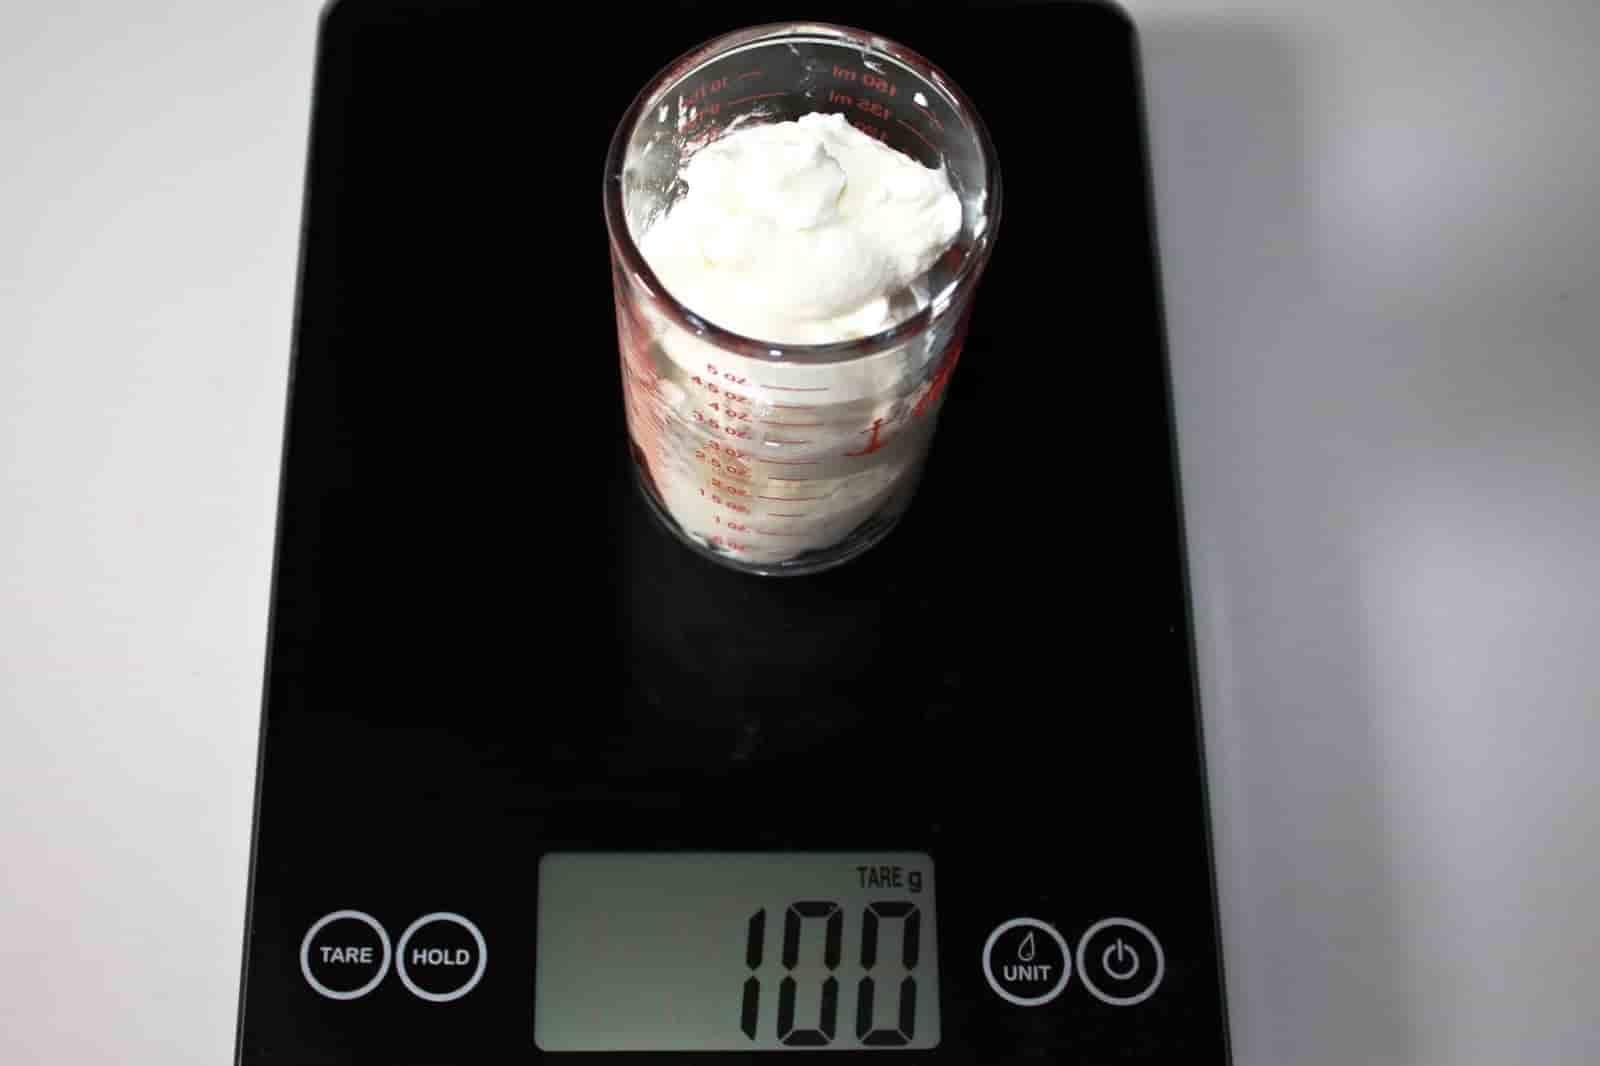 100 грамм йогурта (Вес продуктов)